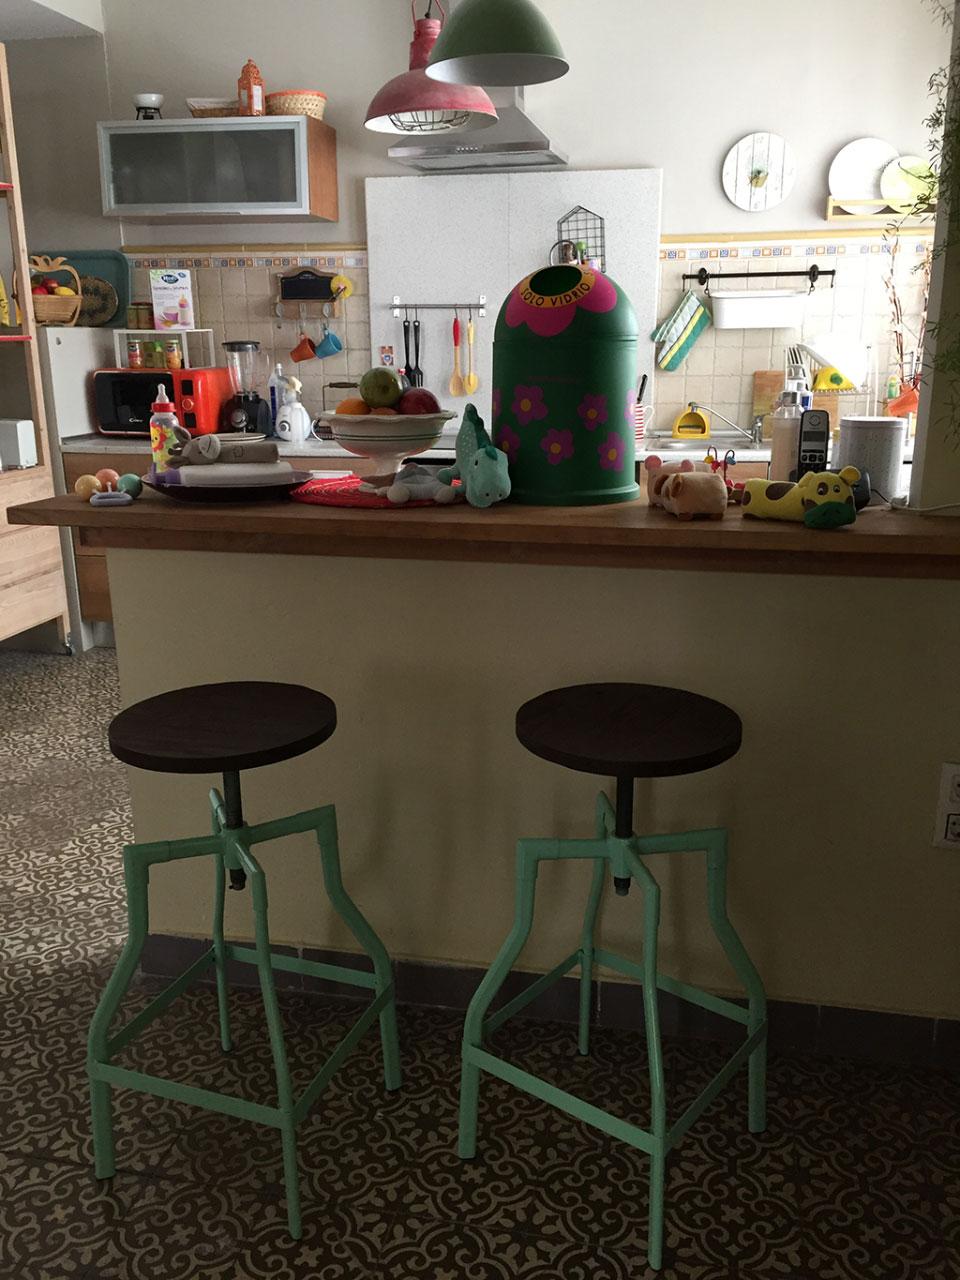 Blog de MisterWils - Les meubles MisterWils dans la série 'Allí Abajo' sur Antena 3